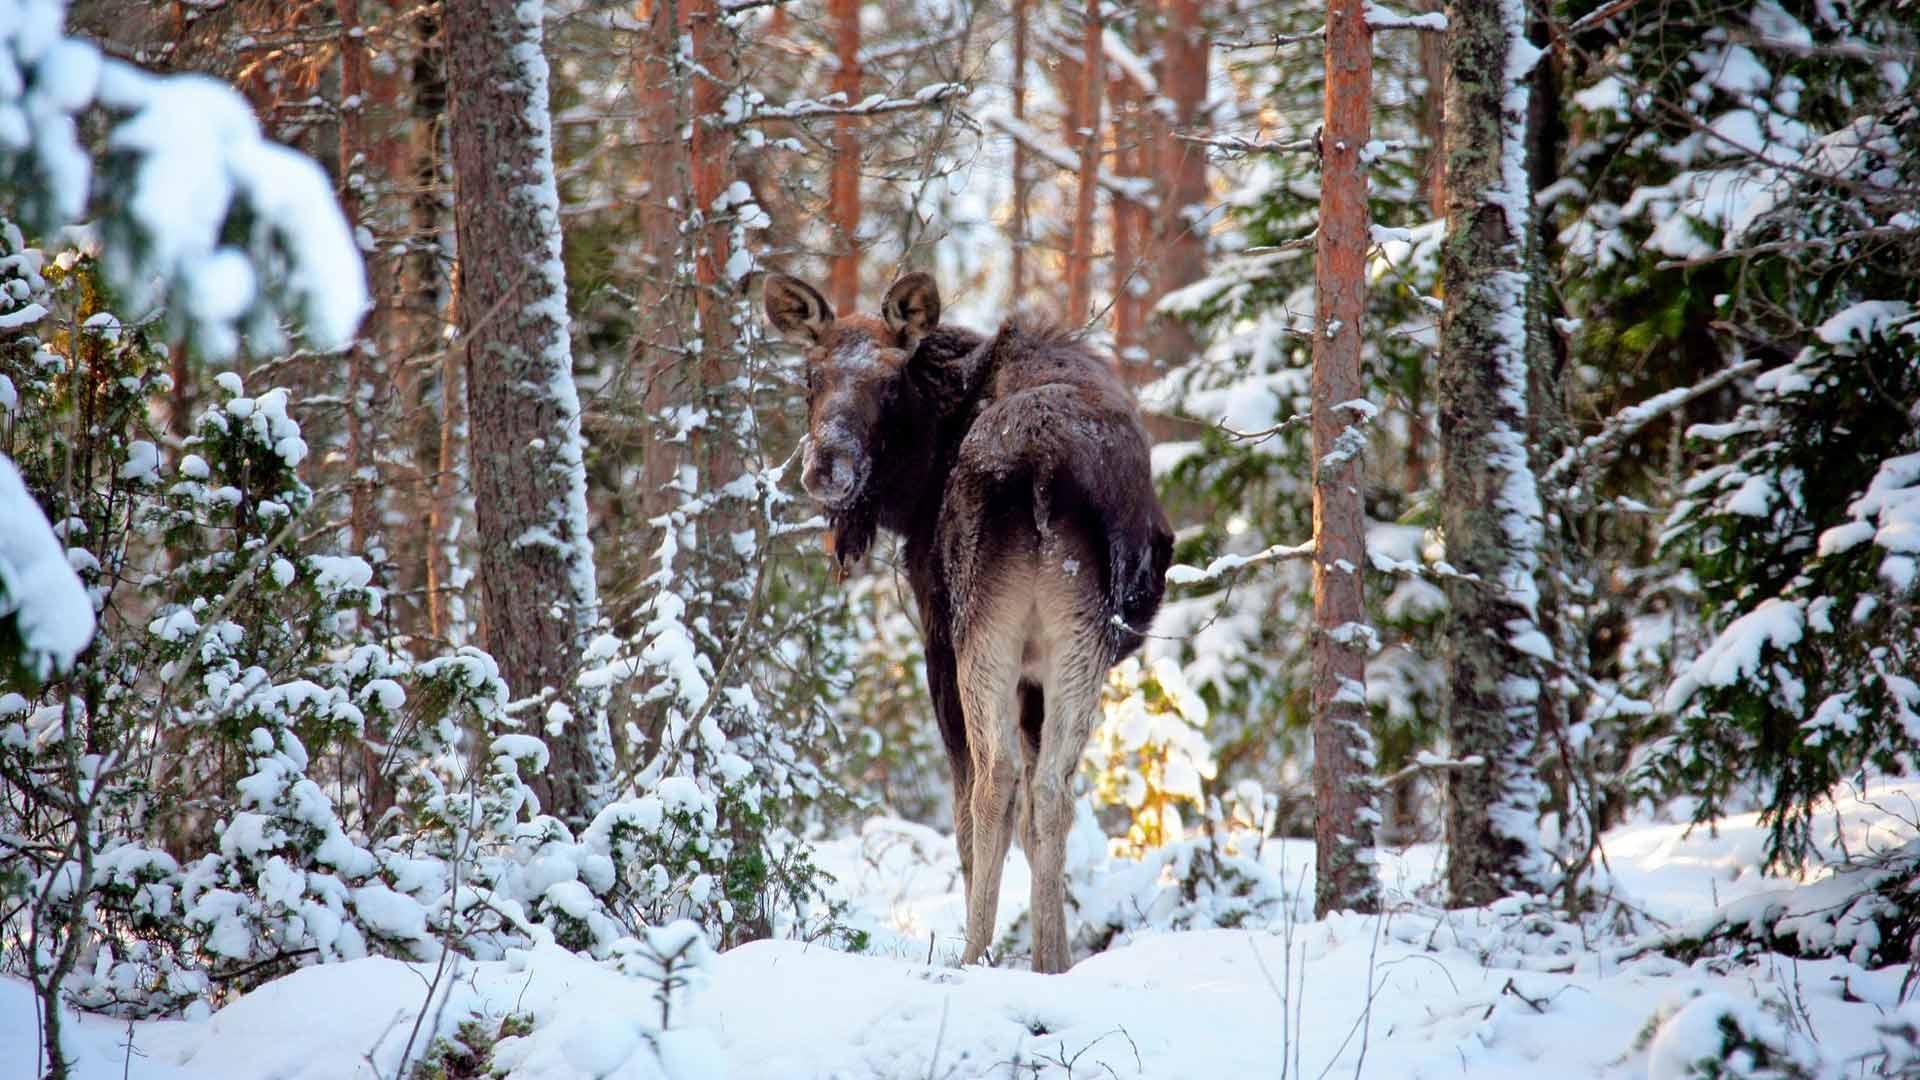 Aikuisen hirven talviseksi ravinnontarpeeksi on laskettu lähes kymmenen kiloa puiden versoja ja latvuksia päivässä.